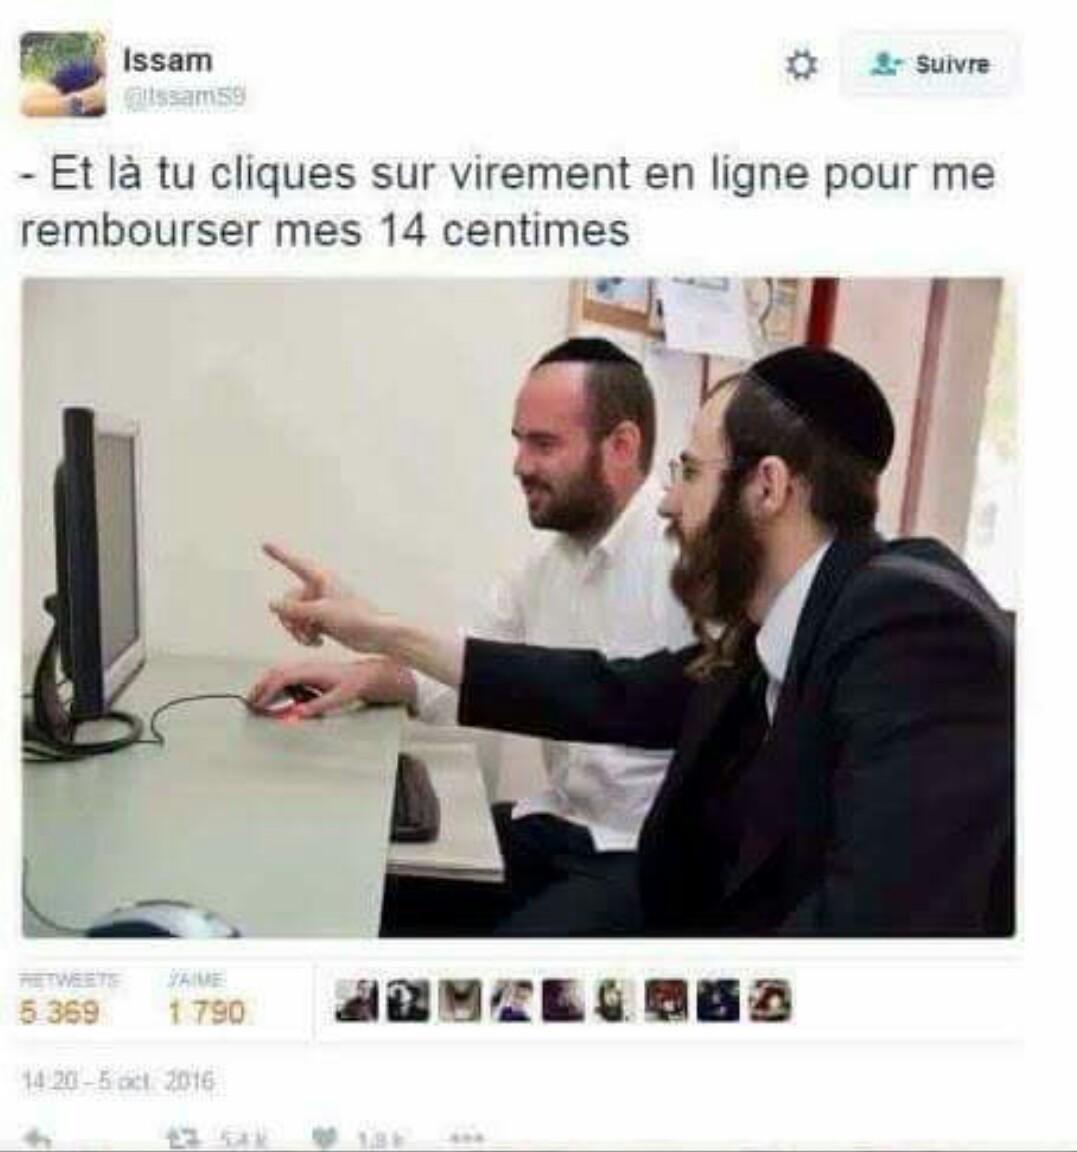 Les juifs entre potes - meme